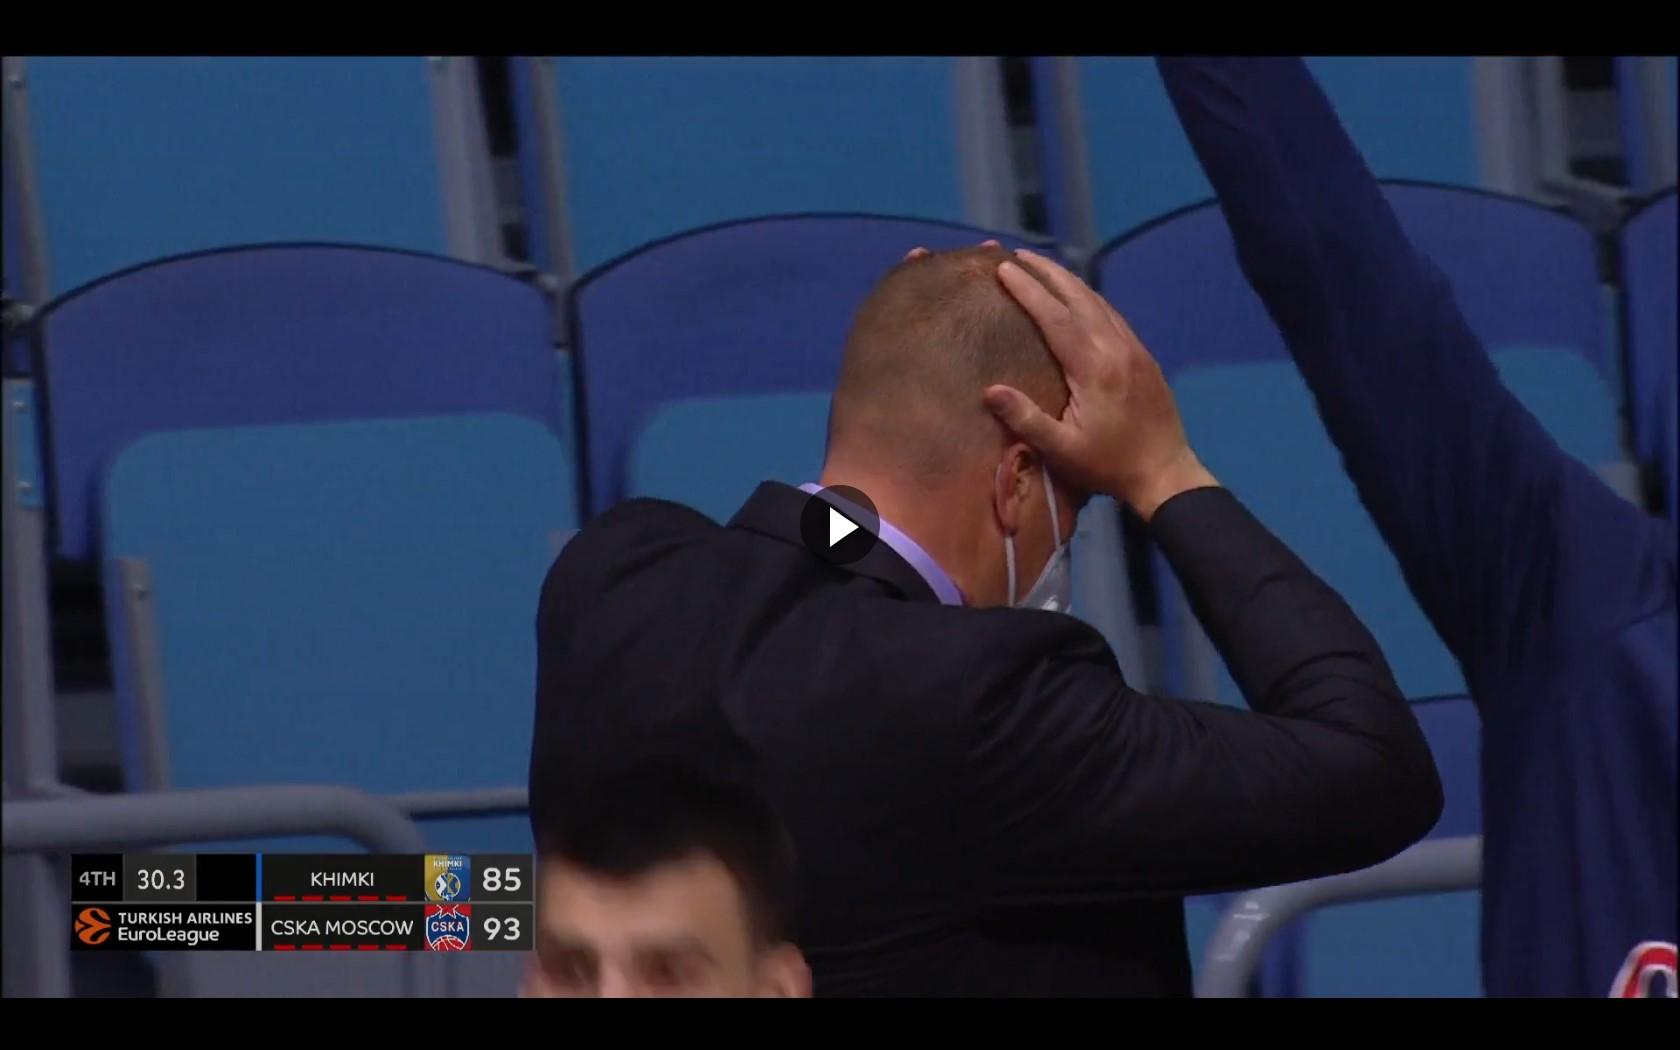 В одном шаге от трипл-дабла. Джеймс приносит ЦСКА победу над Химками, но историческое достижение не покорилось